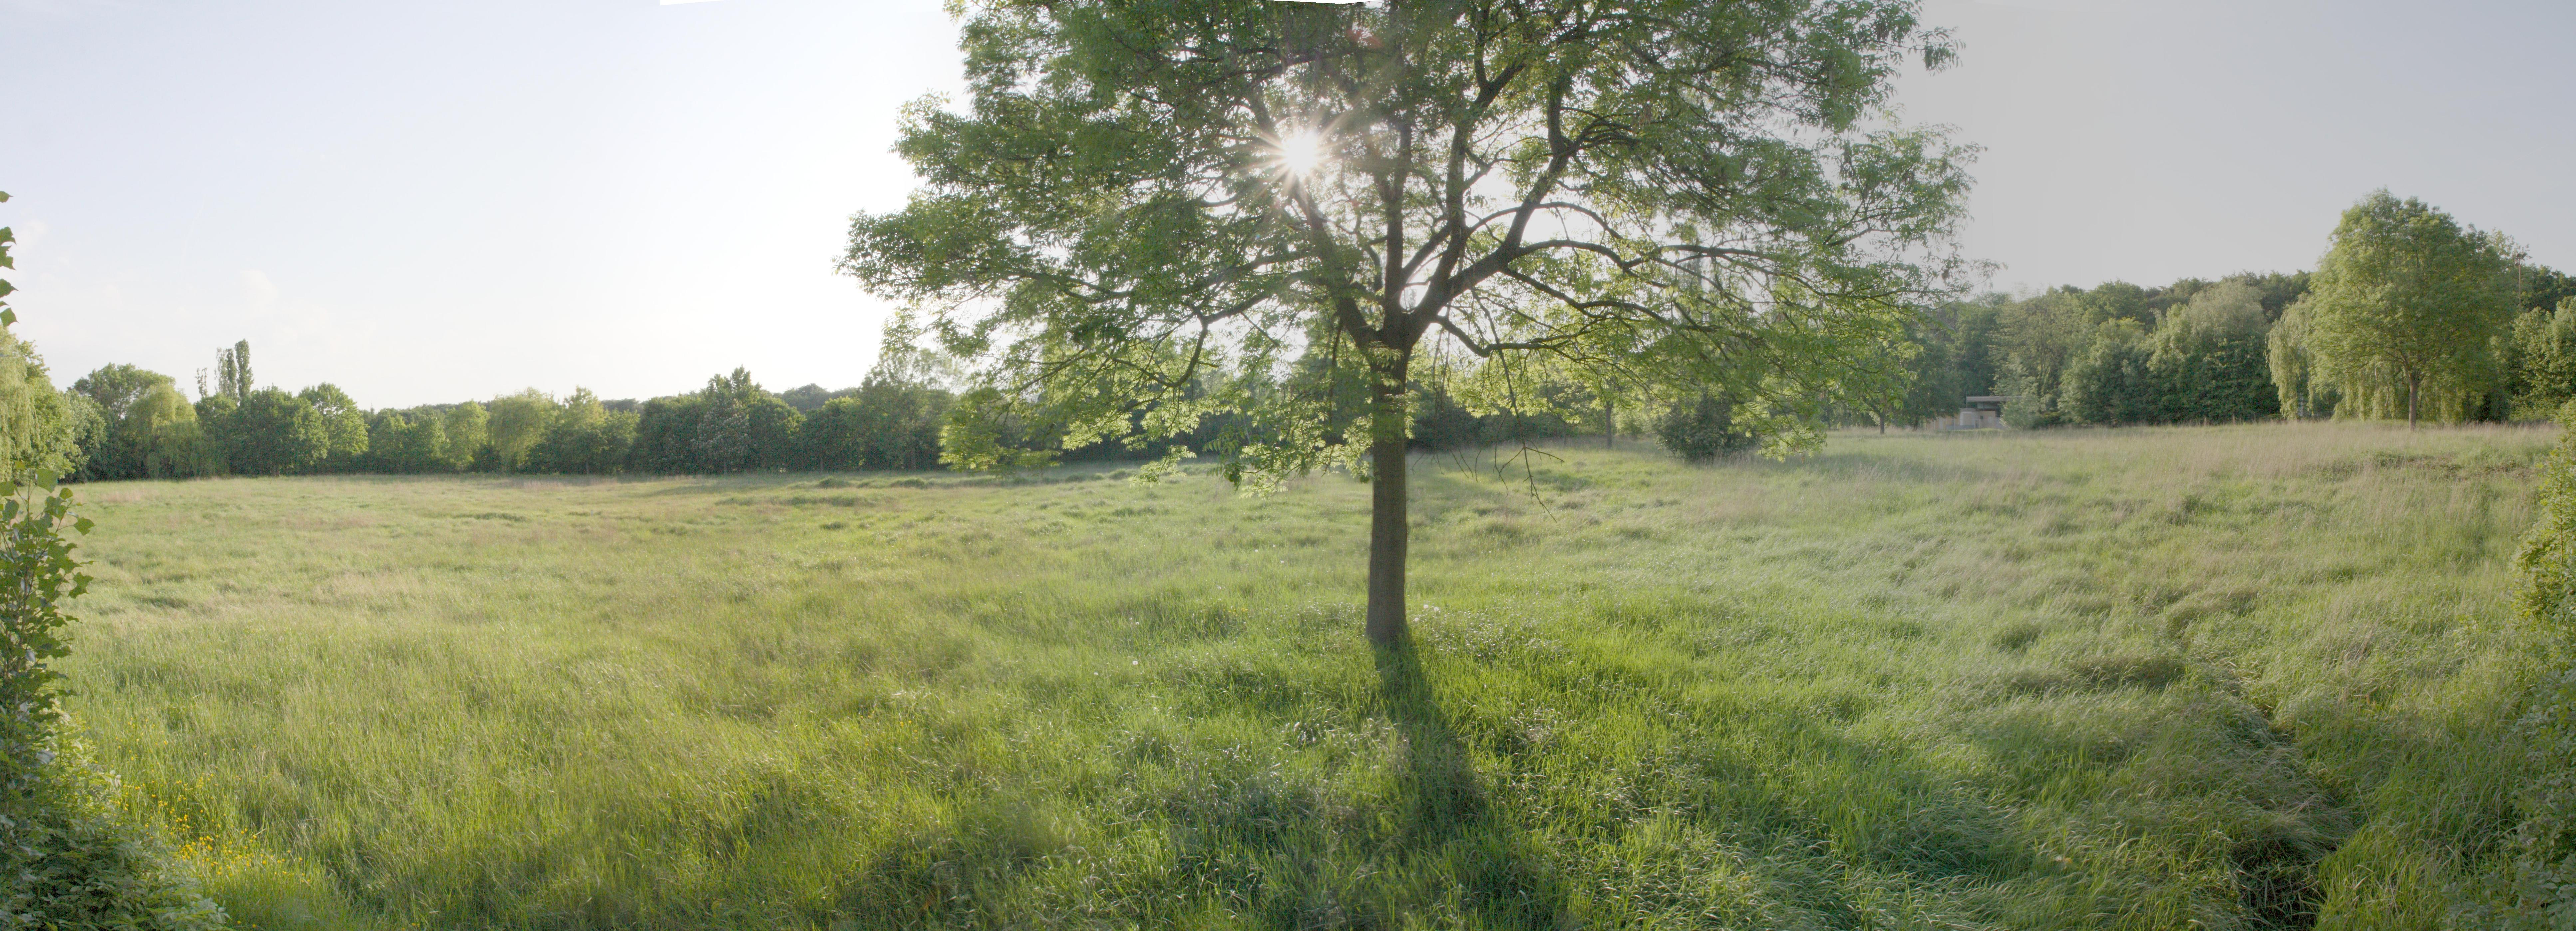 Tambourbad - Liegewiese